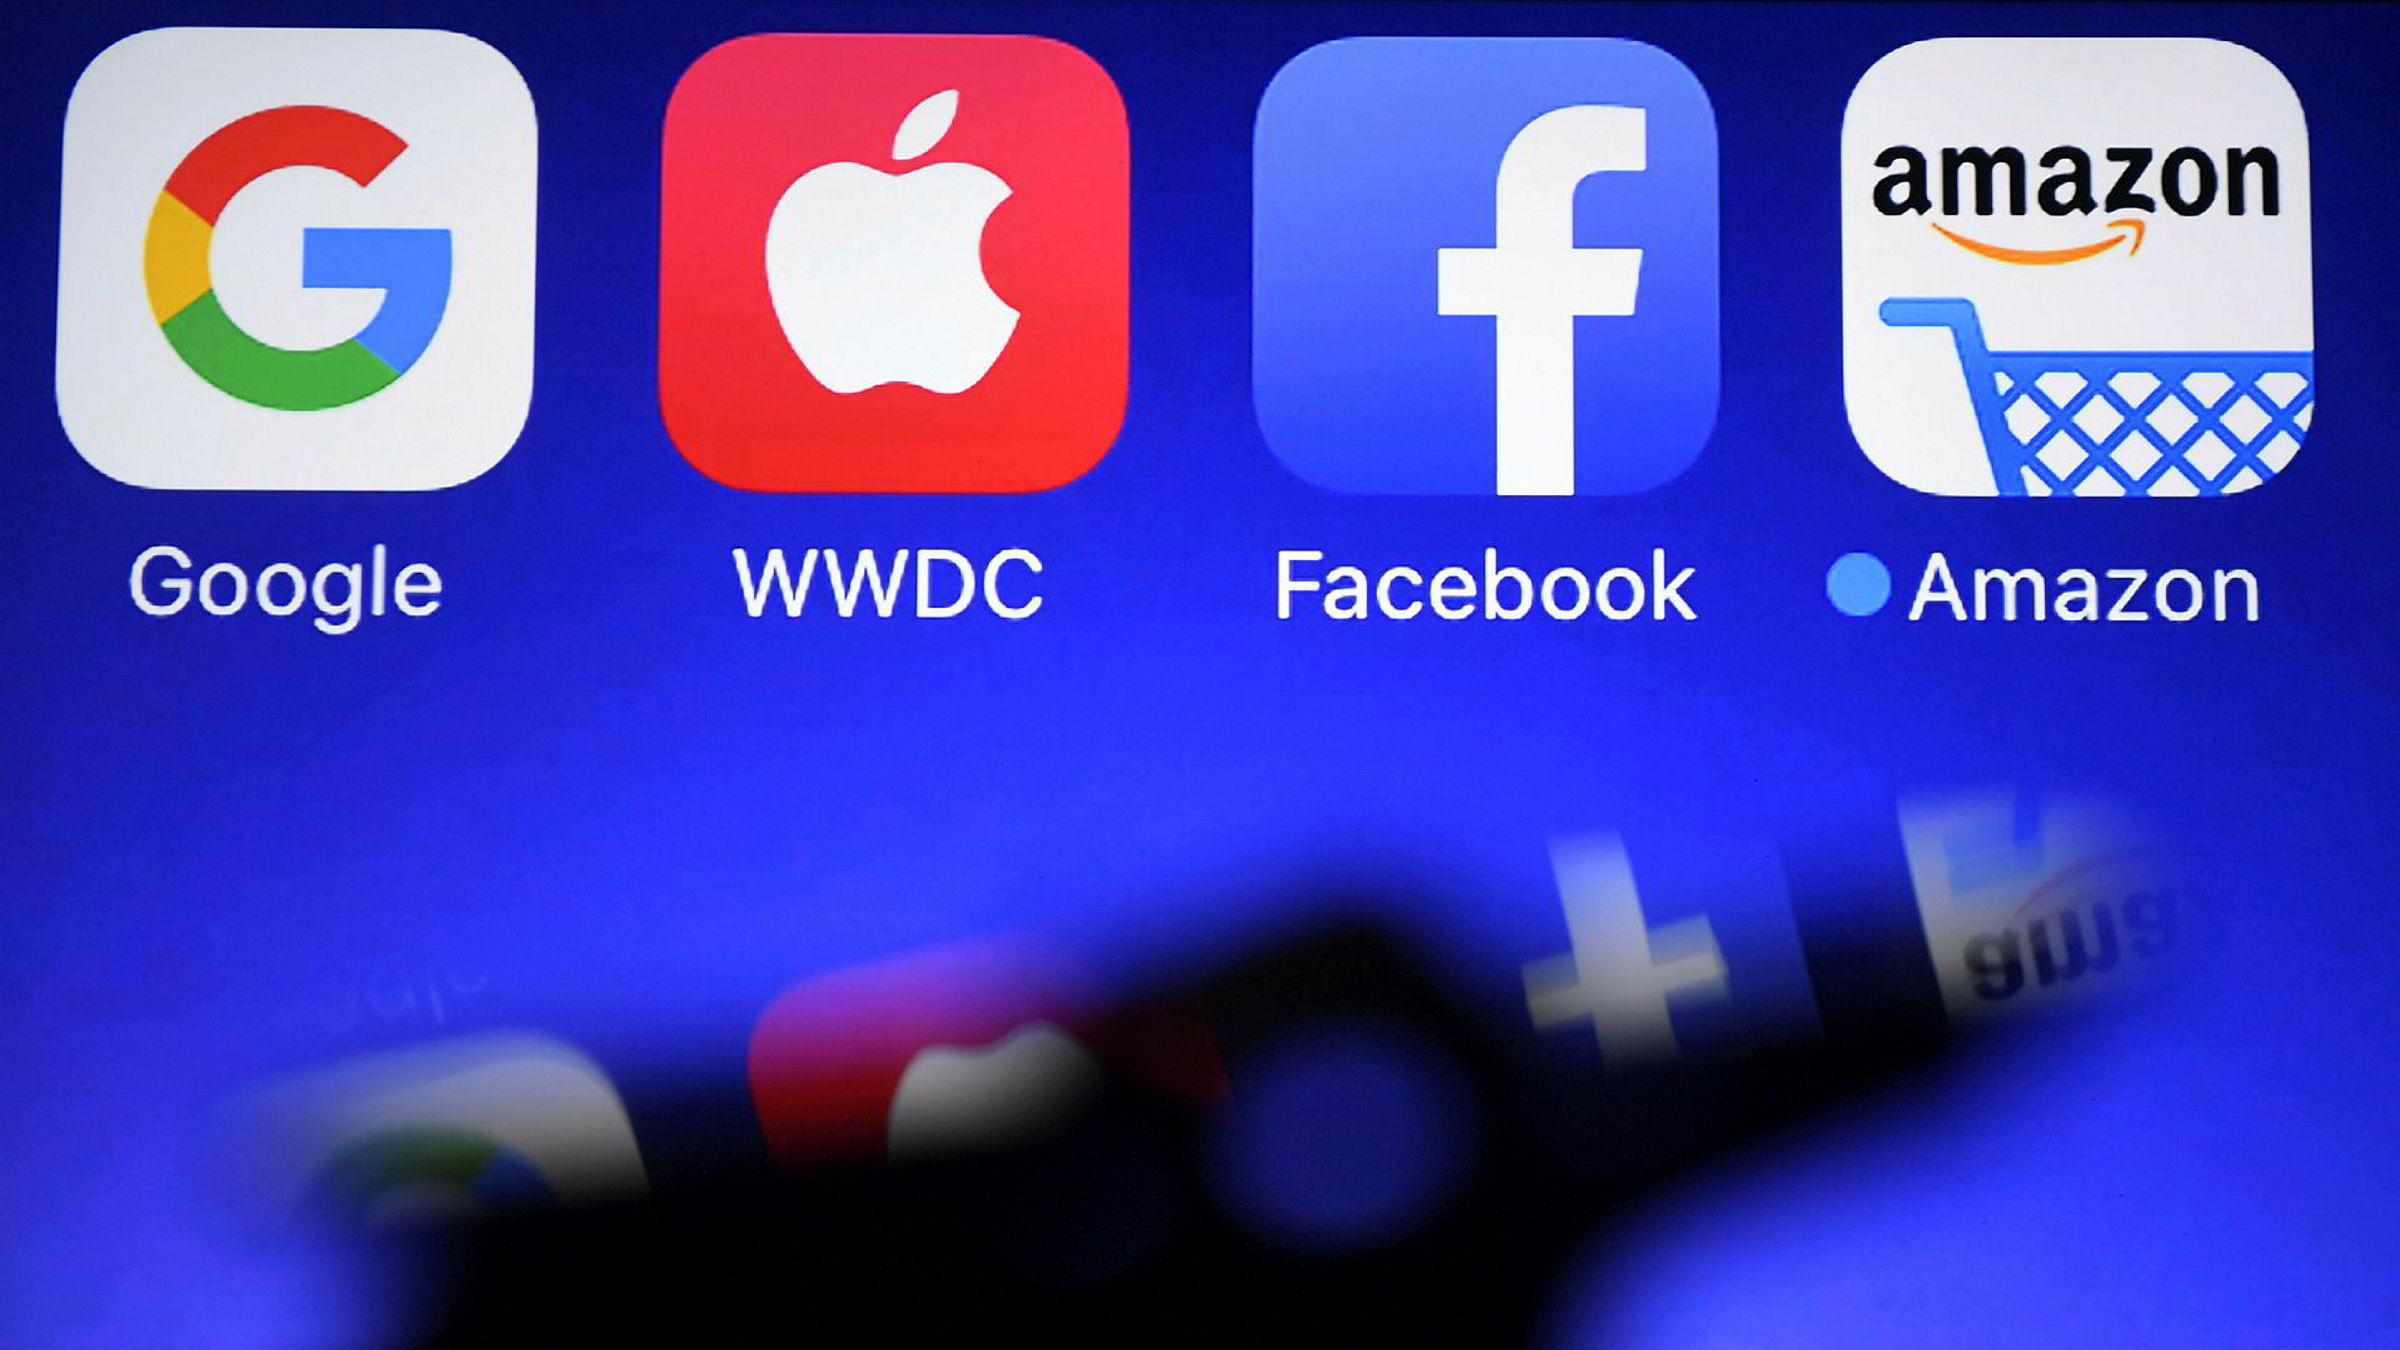 EDiMA, en bransjeorganisasjon som representerer selskaper som Amazon, Apple, Facebook og Google, har hevdet at de nye EU-reglene for opphavsrett vil «ødelegge internett». Torsdag trakk EU-parlamentet i nødbremsen.